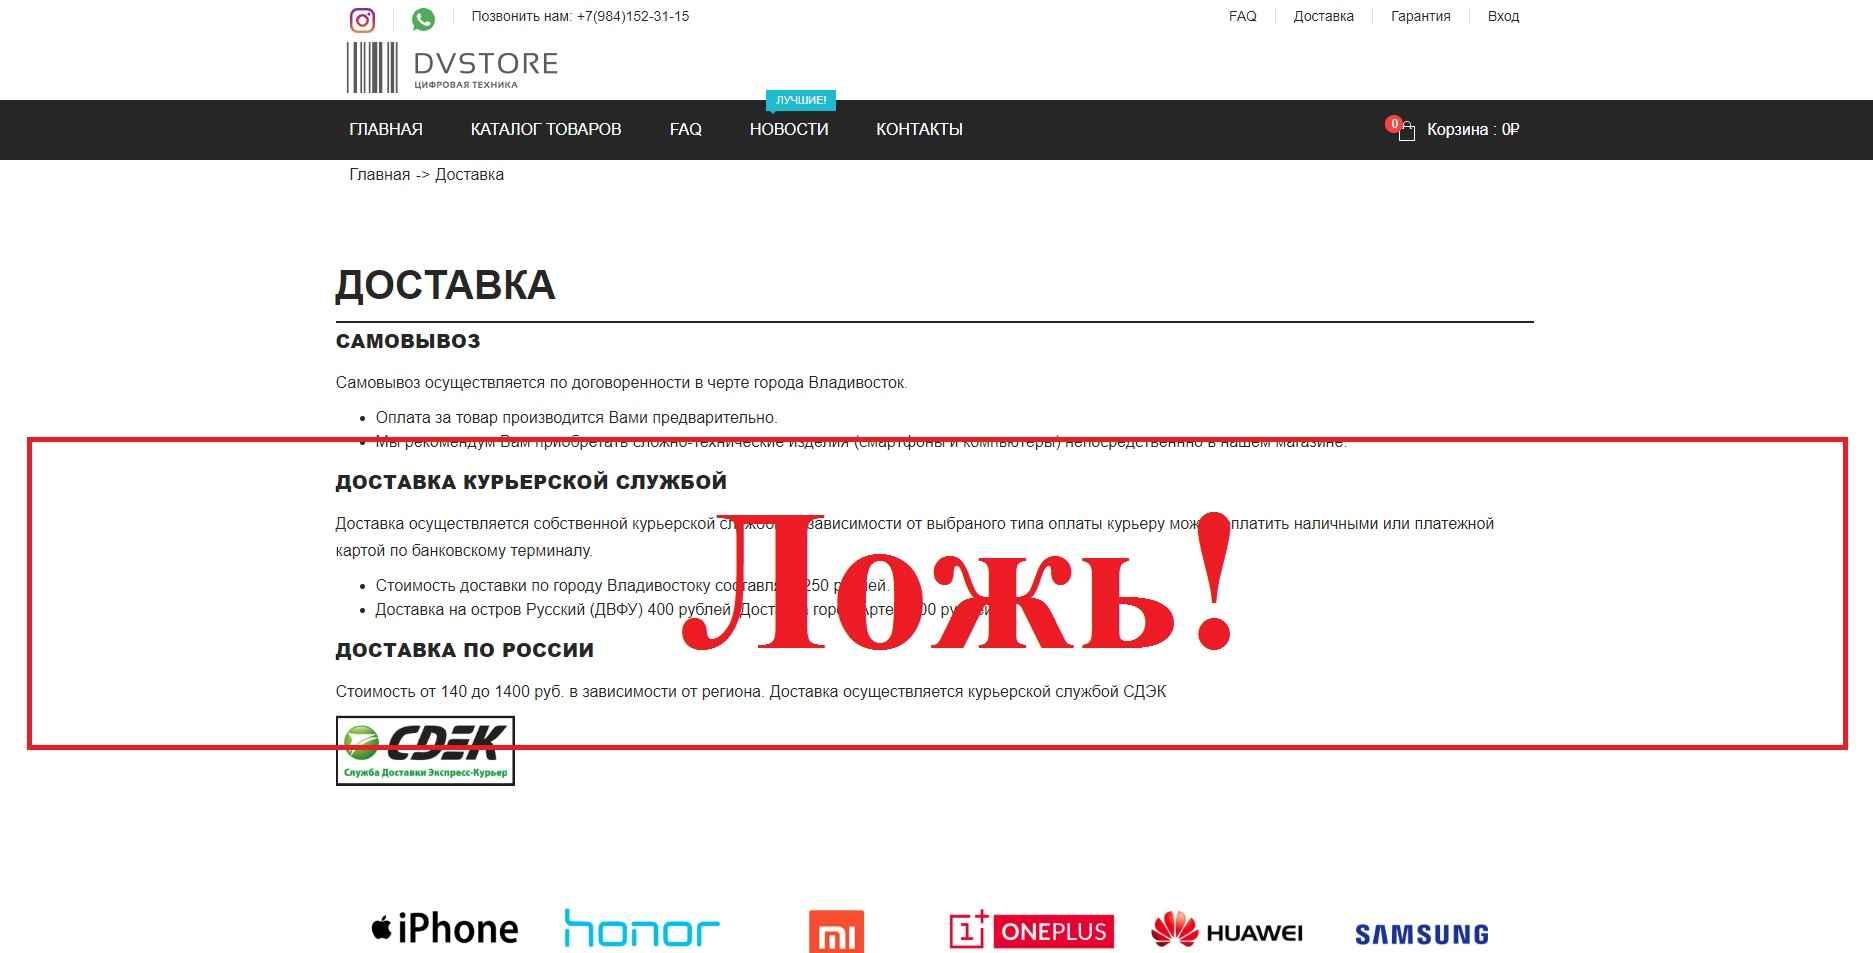 Интернет-магазин DvStore – отзывы о мошенниках dv-store.su